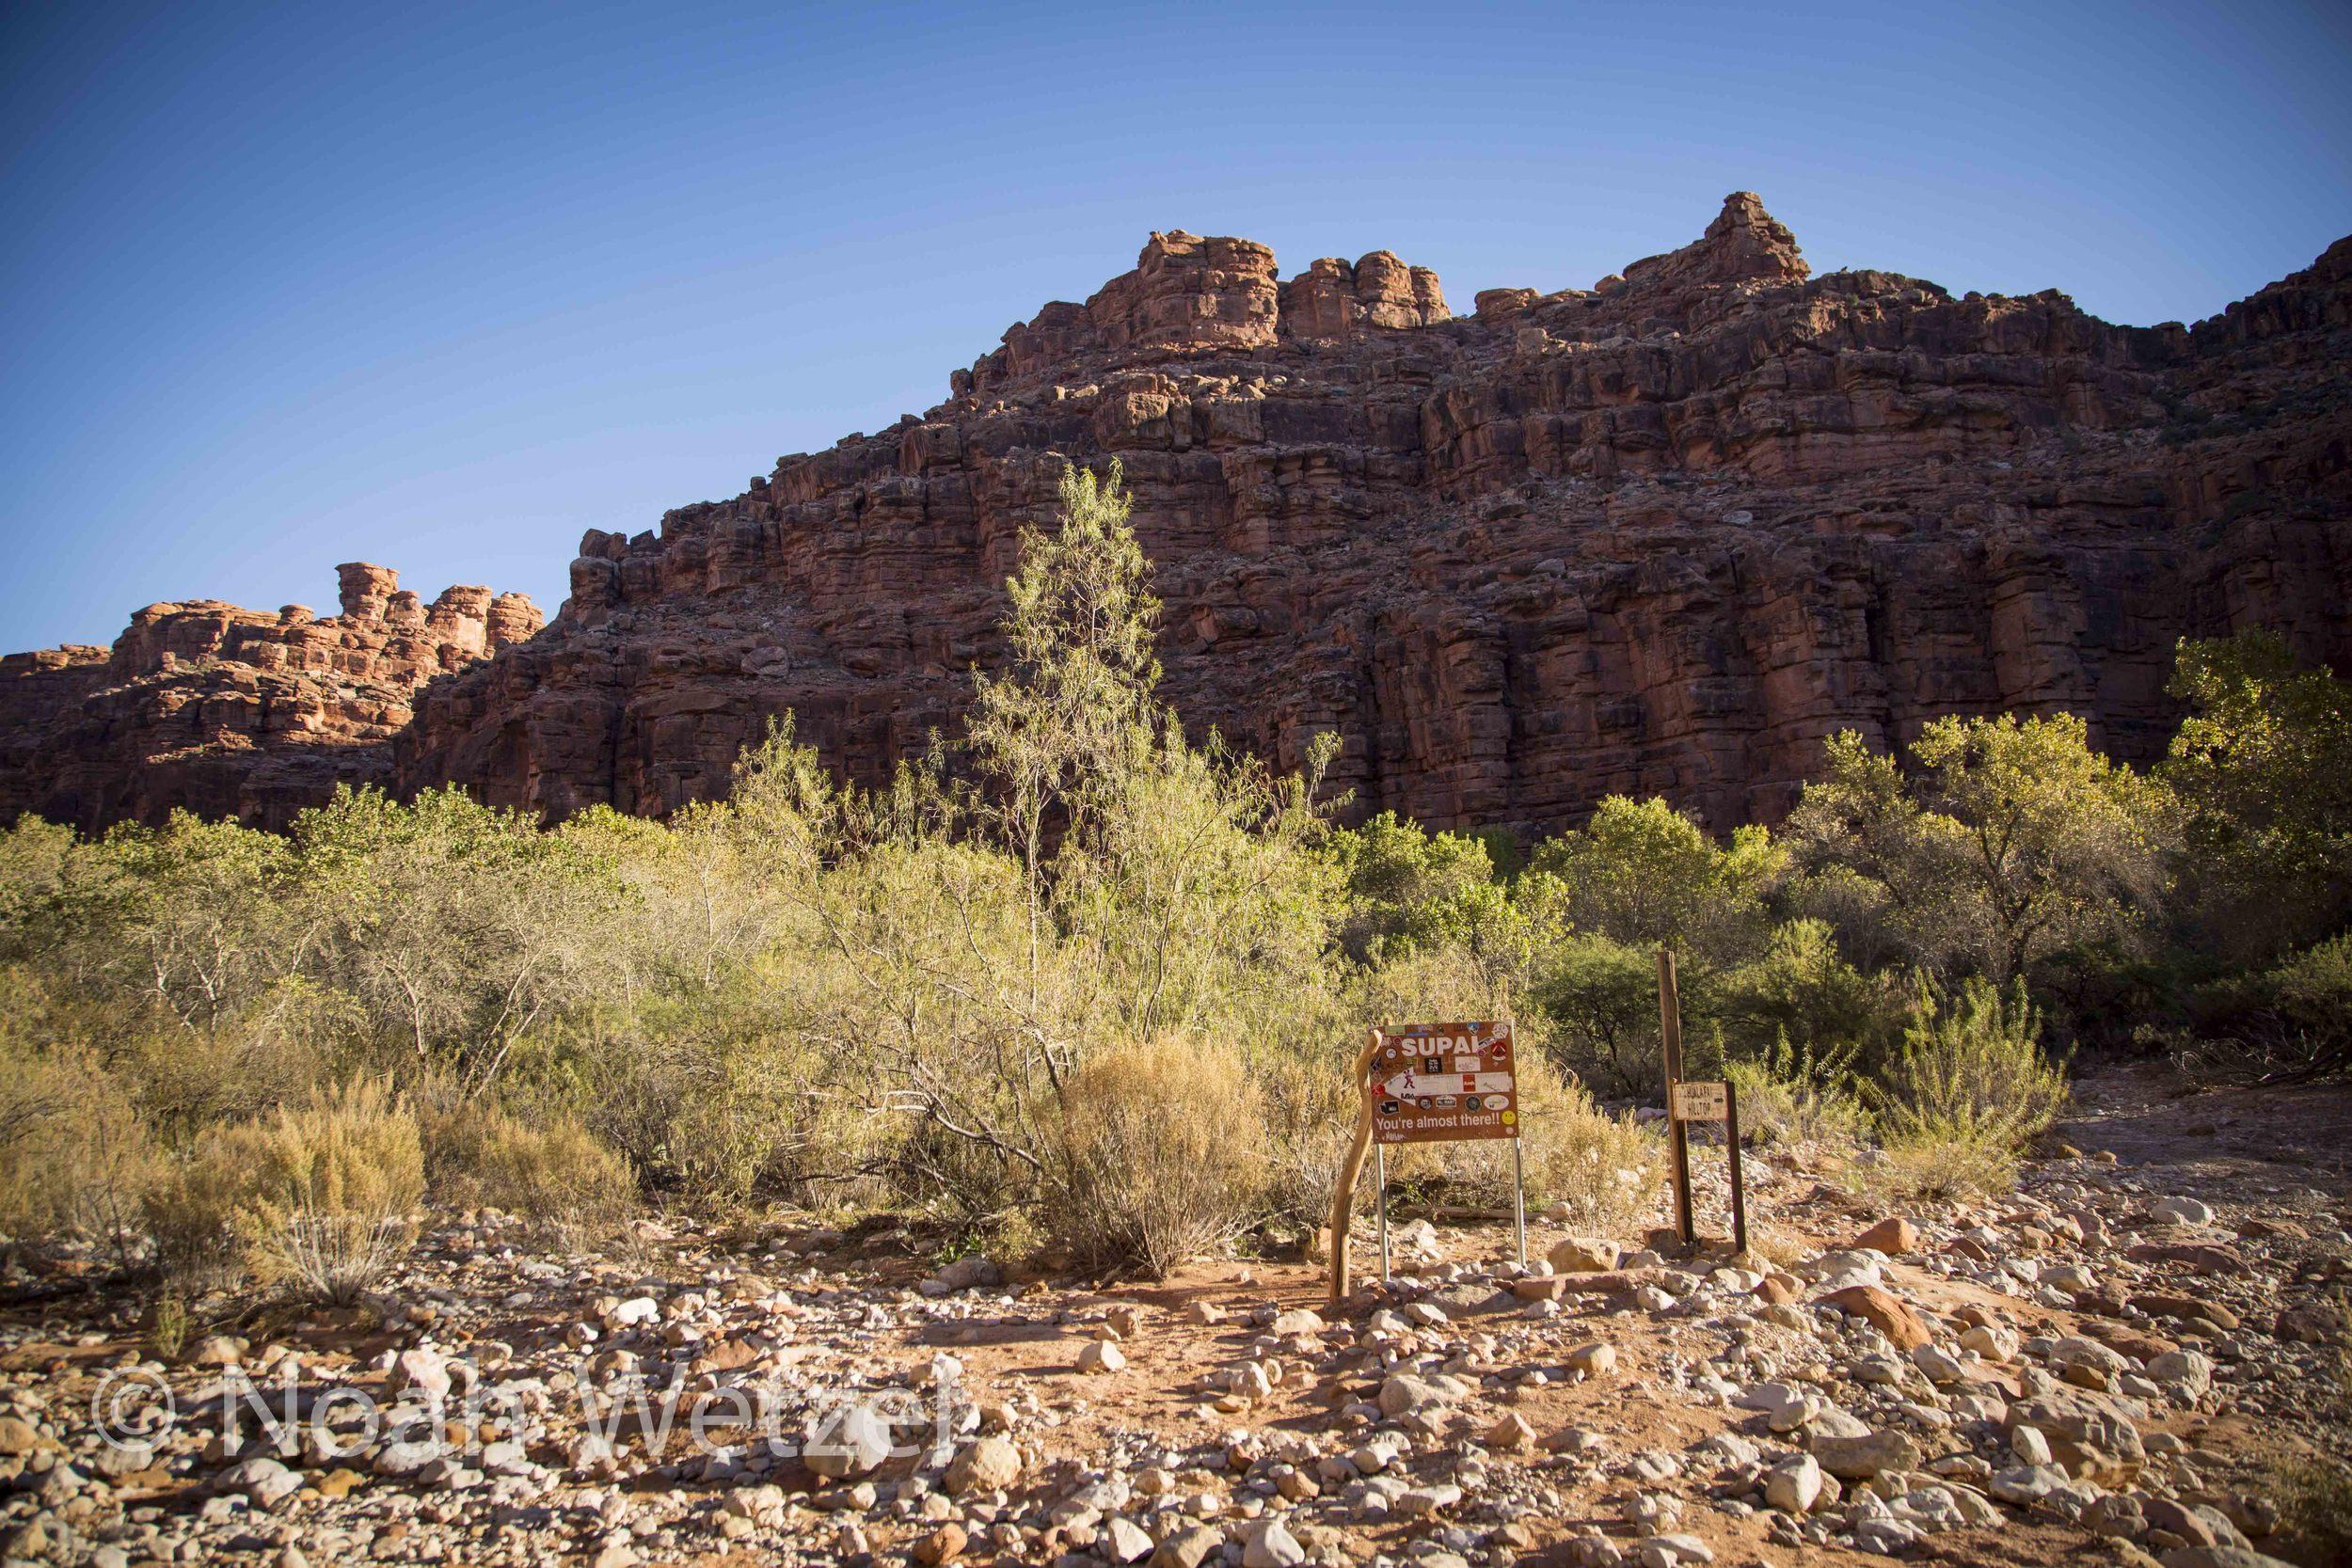 Almost there. Supai, Arizona